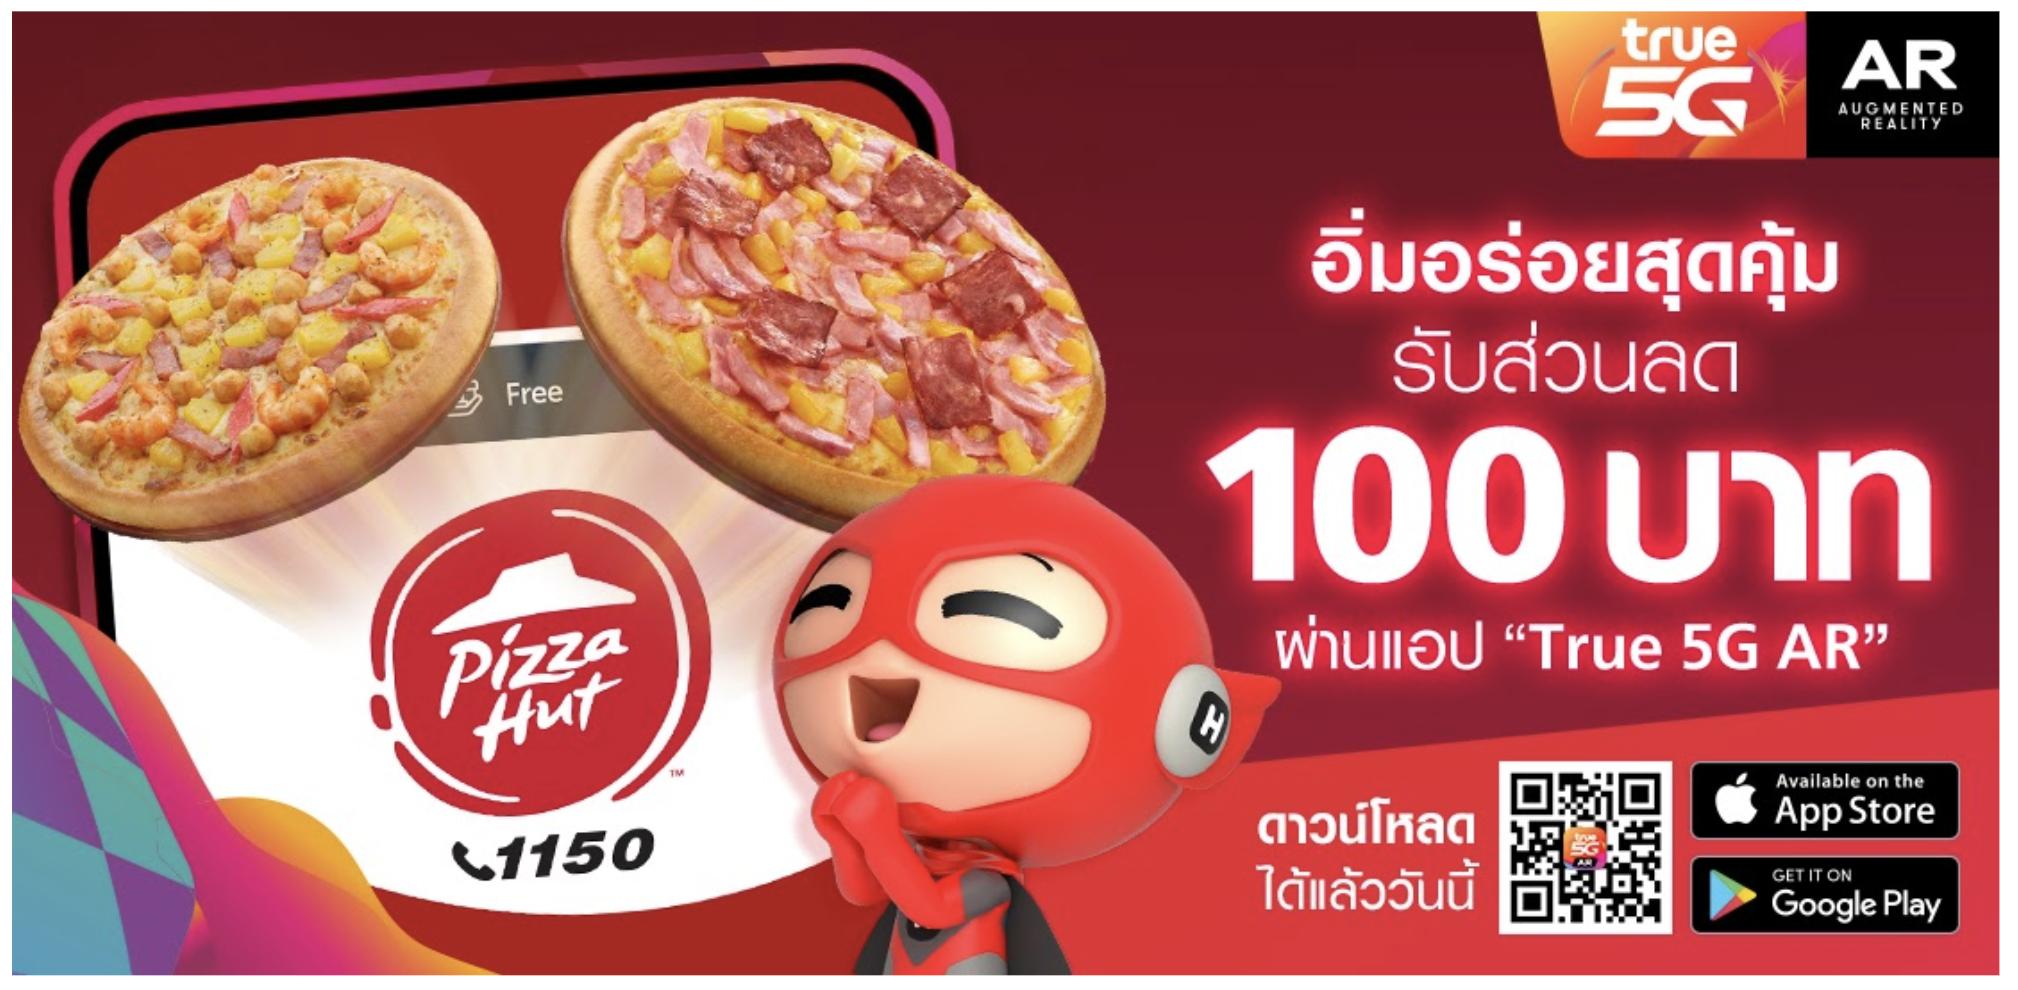 อิ่มอร่อยสุดคุ้ม รับส่วนลด 100 บาท ที่ Pizza Hut ผ่านแอป True 5G AR